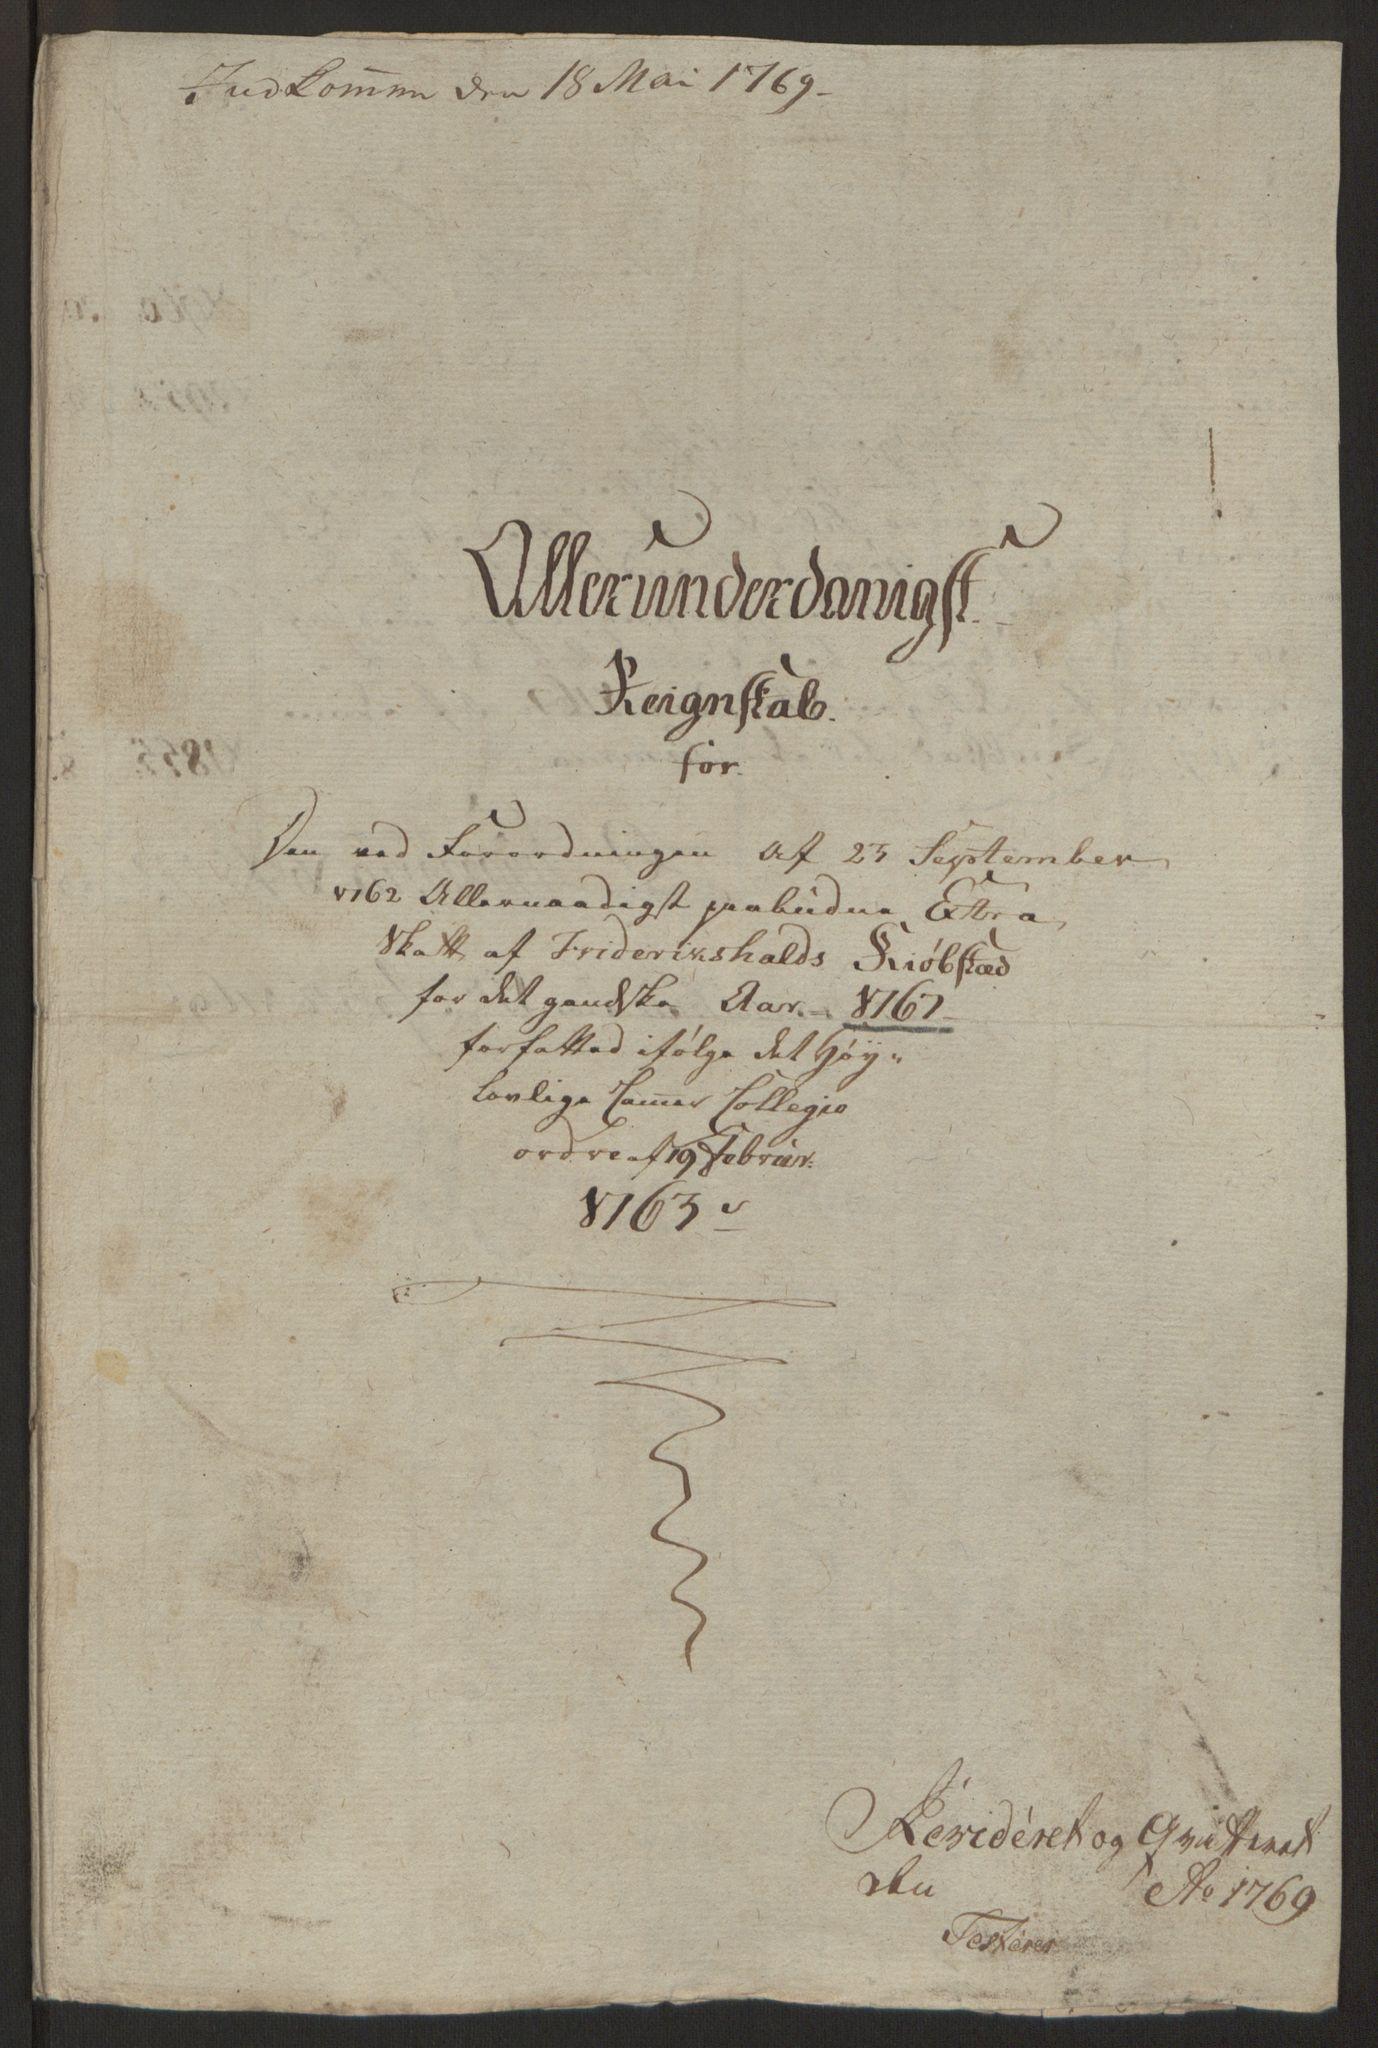 RA, Rentekammeret inntil 1814, Reviderte regnskaper, Byregnskaper, R/Ra/L0006: [A4] Kontribusjonsregnskap, 1762-1772, s. 137